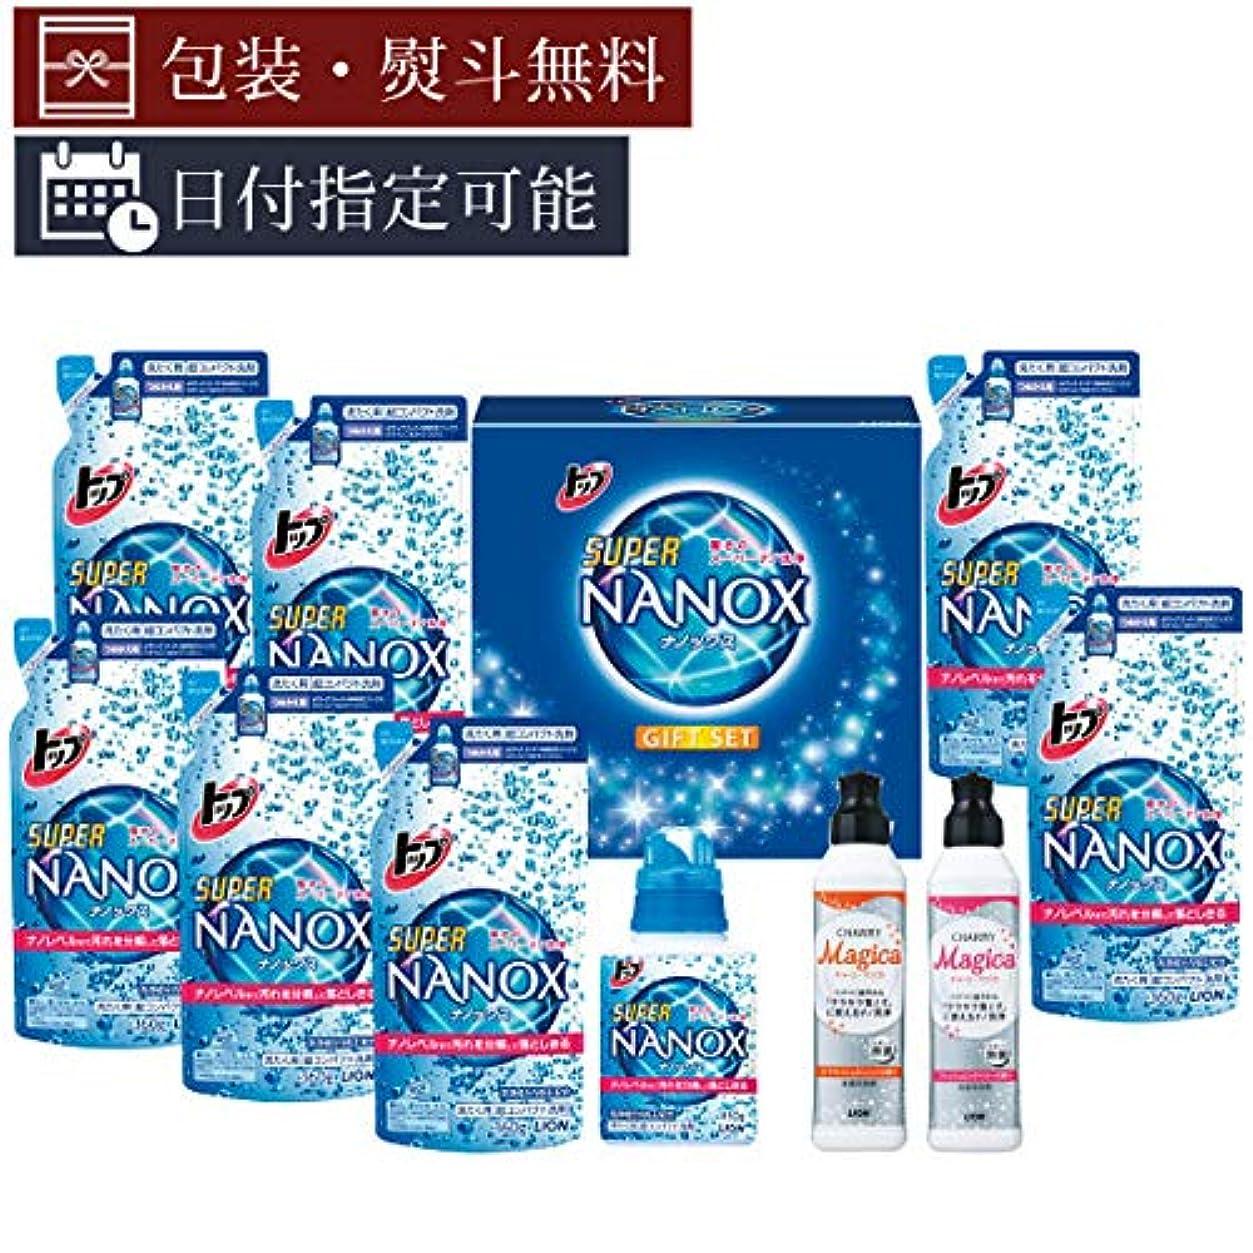 怒り不健康アークライオン トップスーパーナノックスギフトセット【B倉庫】